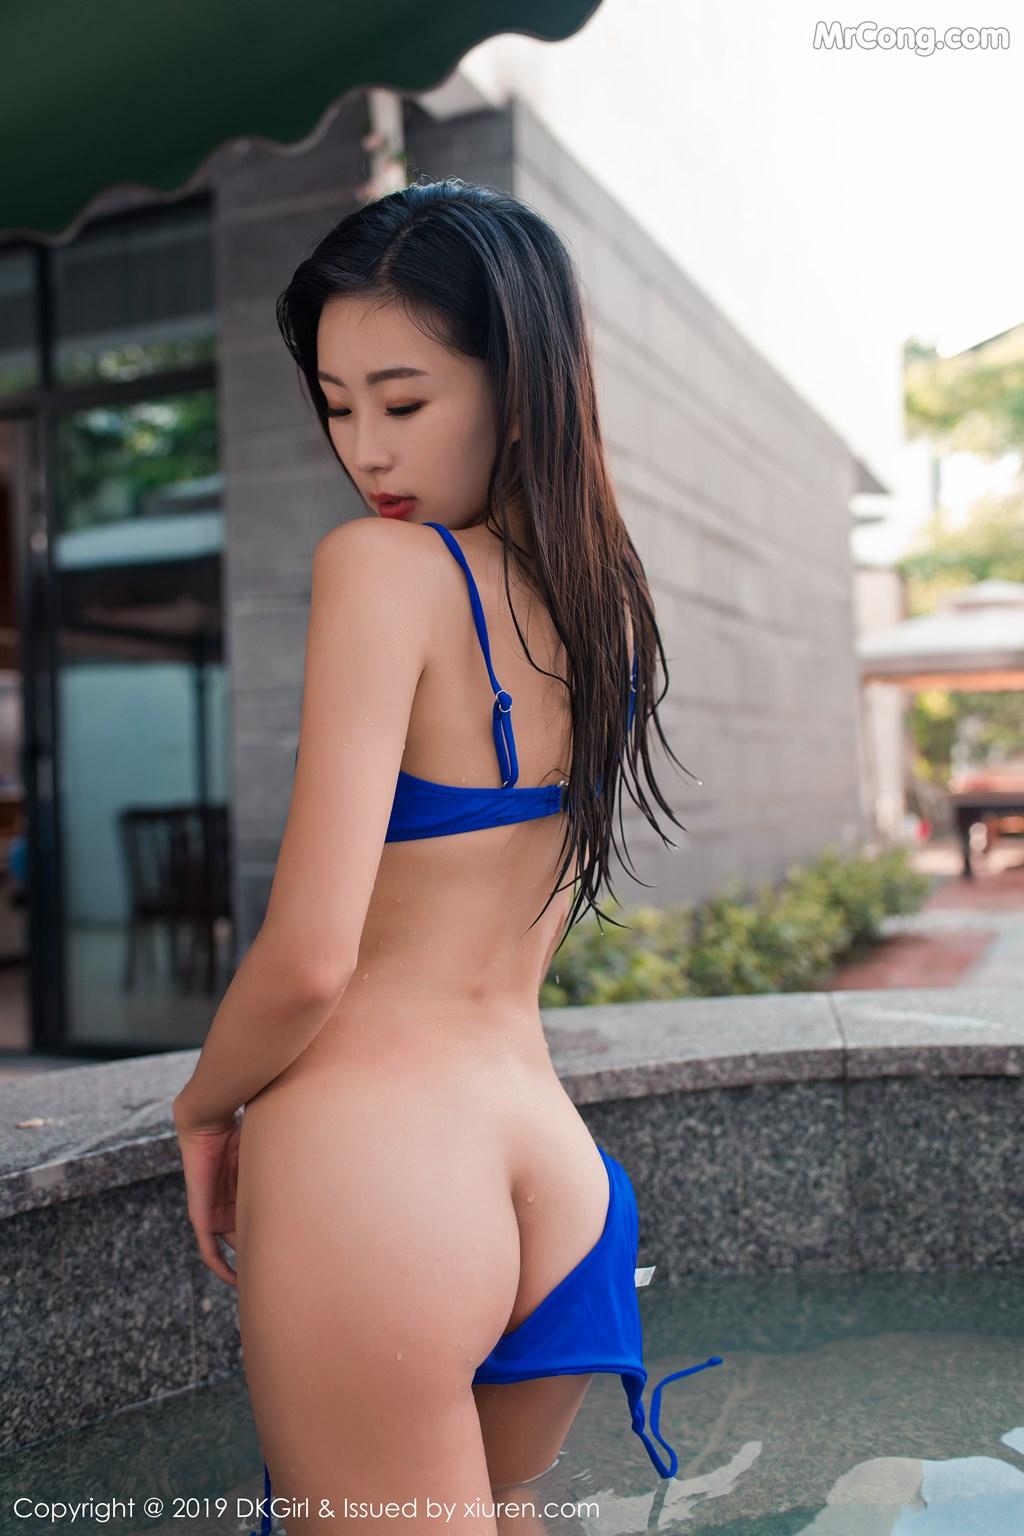 Image DKGirl-Vol.119-Alice-MrCong.com-020 in post DKGirl Vol.119: 小子怡Alice (38 ảnh)